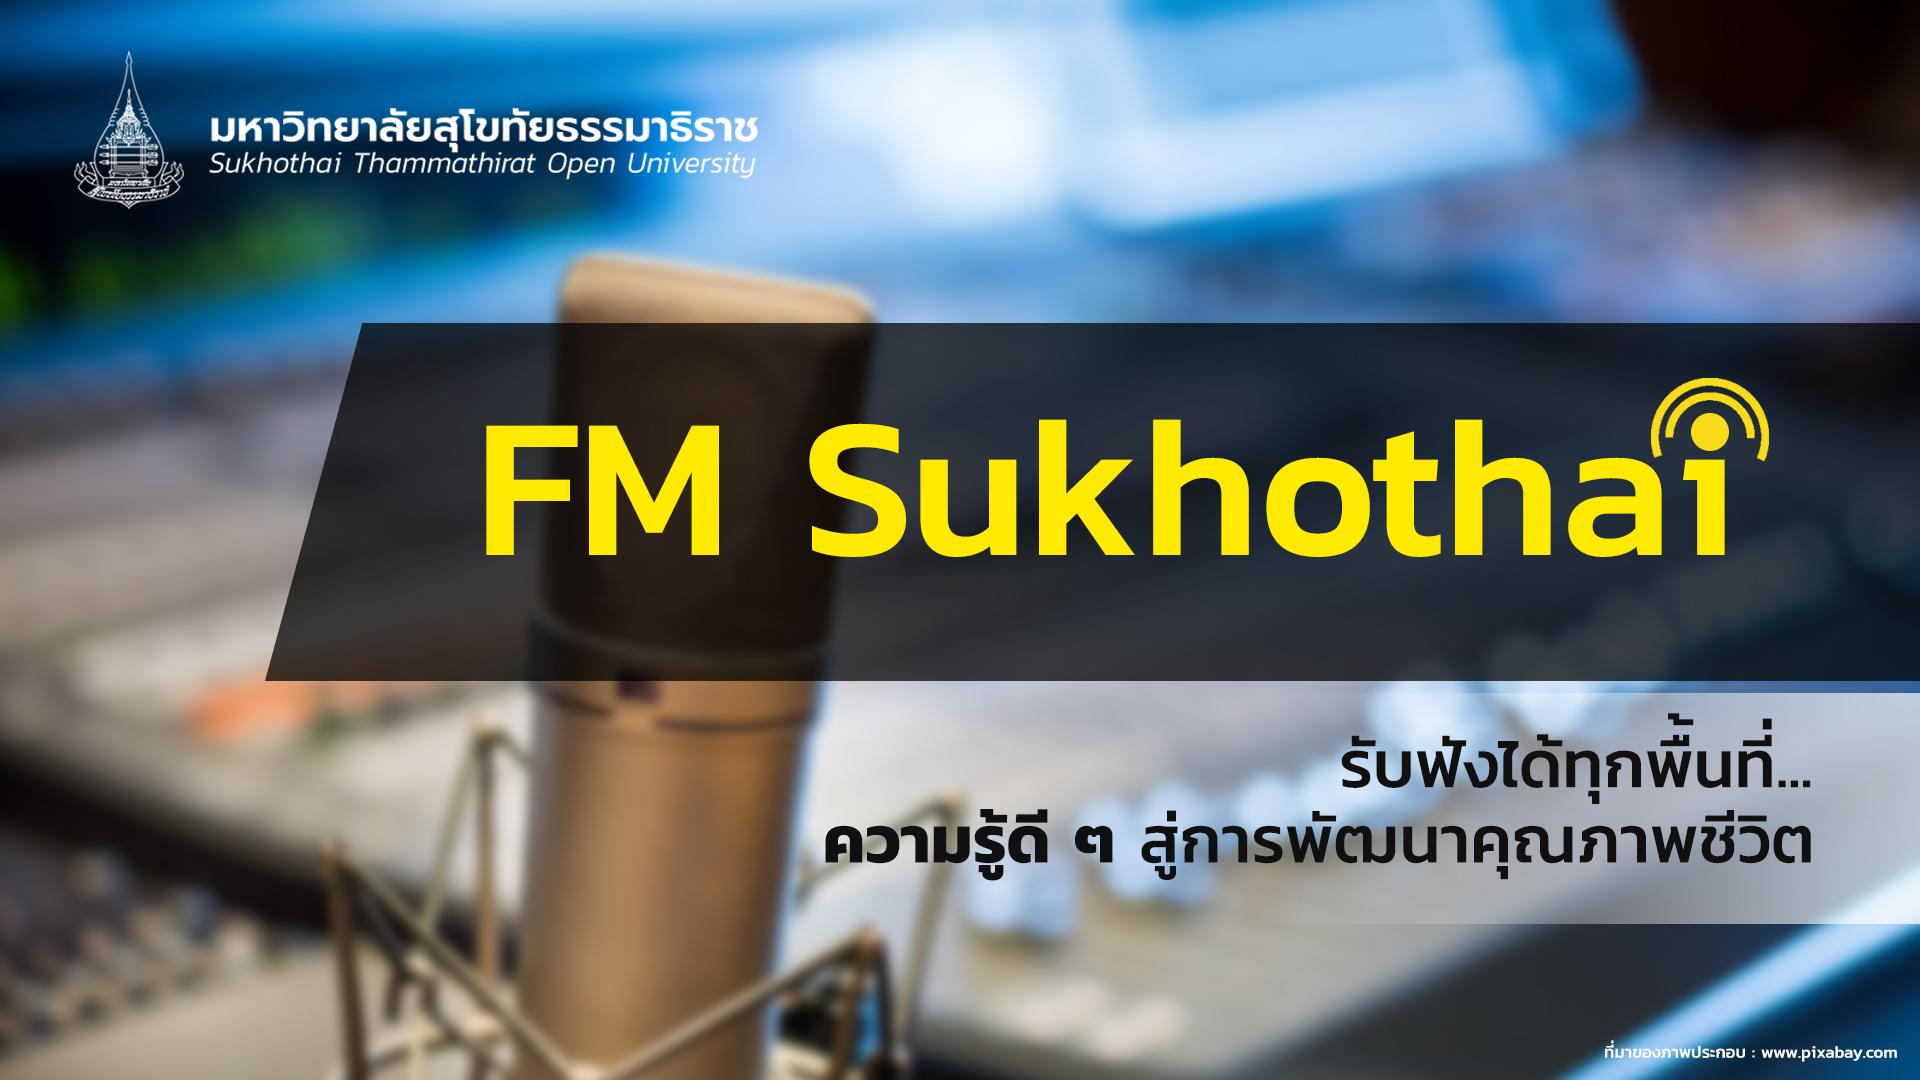 21323 การสอนกลุ่มทักษะ 1: ภาษาไทย รายการที่ 1